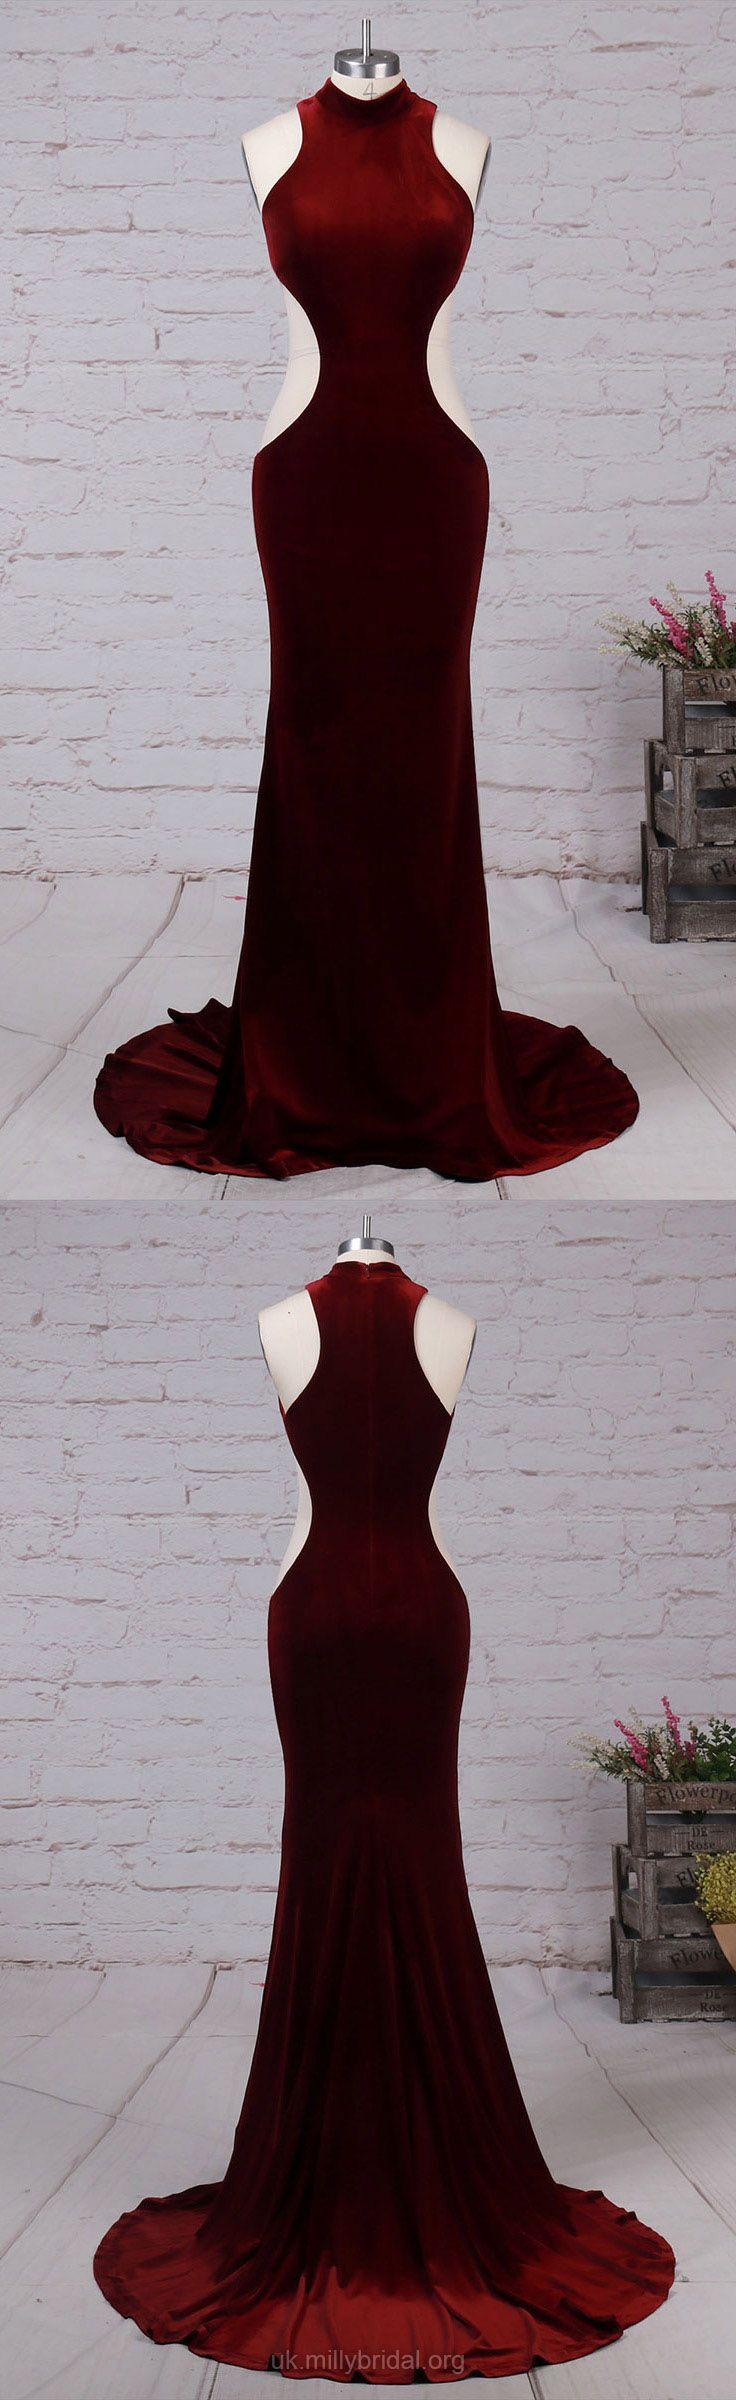 Burgundy prom dresses mermaid long formal dresses for teens velvet